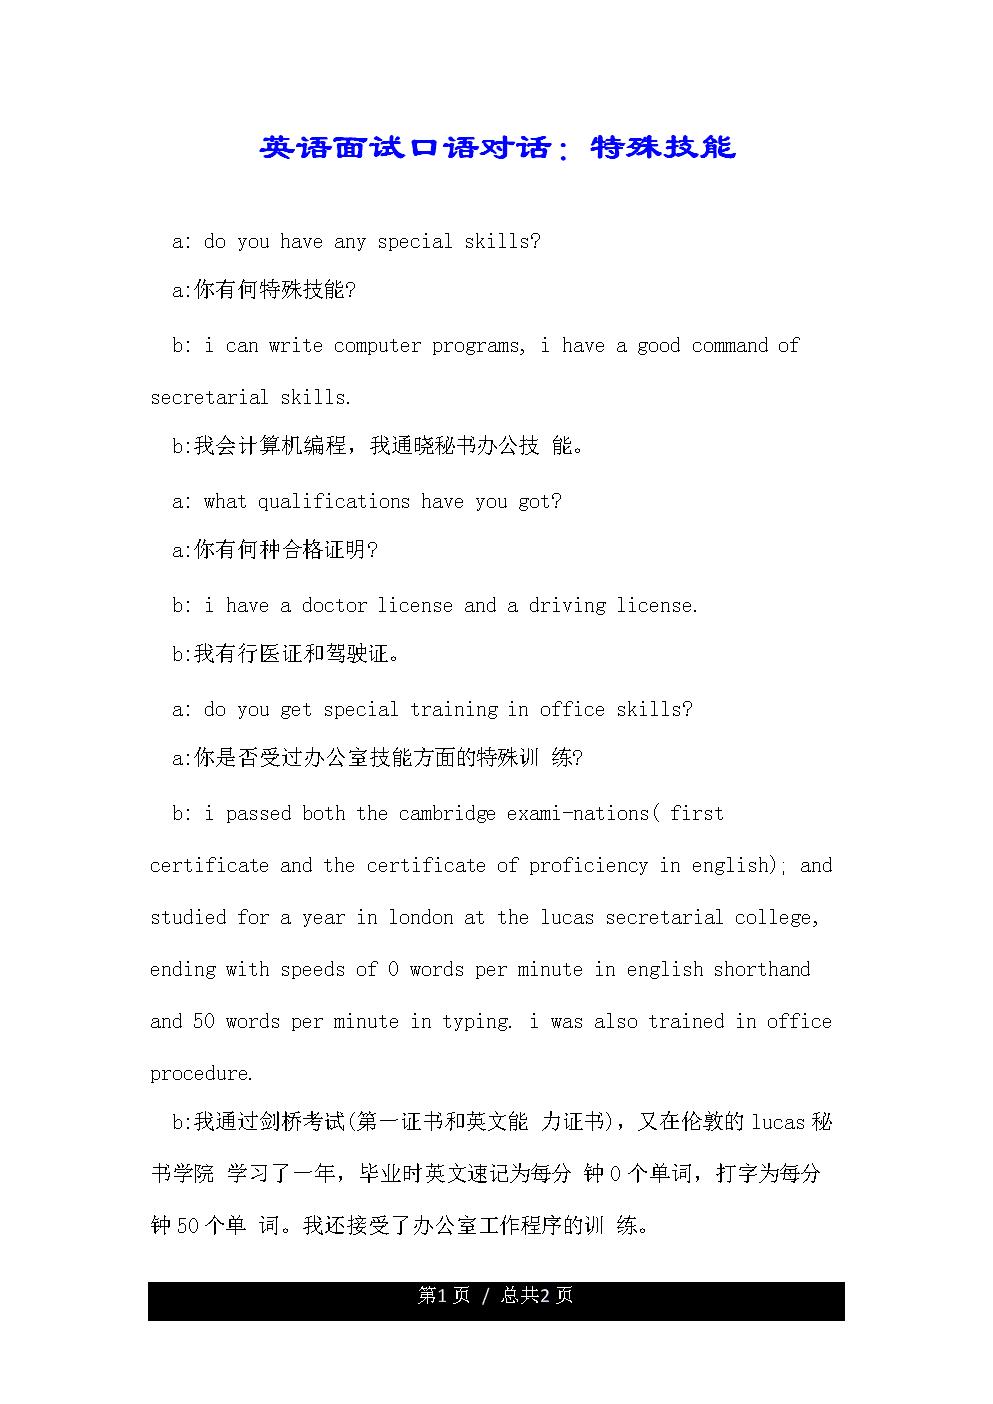 英語面試口語對話:特殊技能.doc